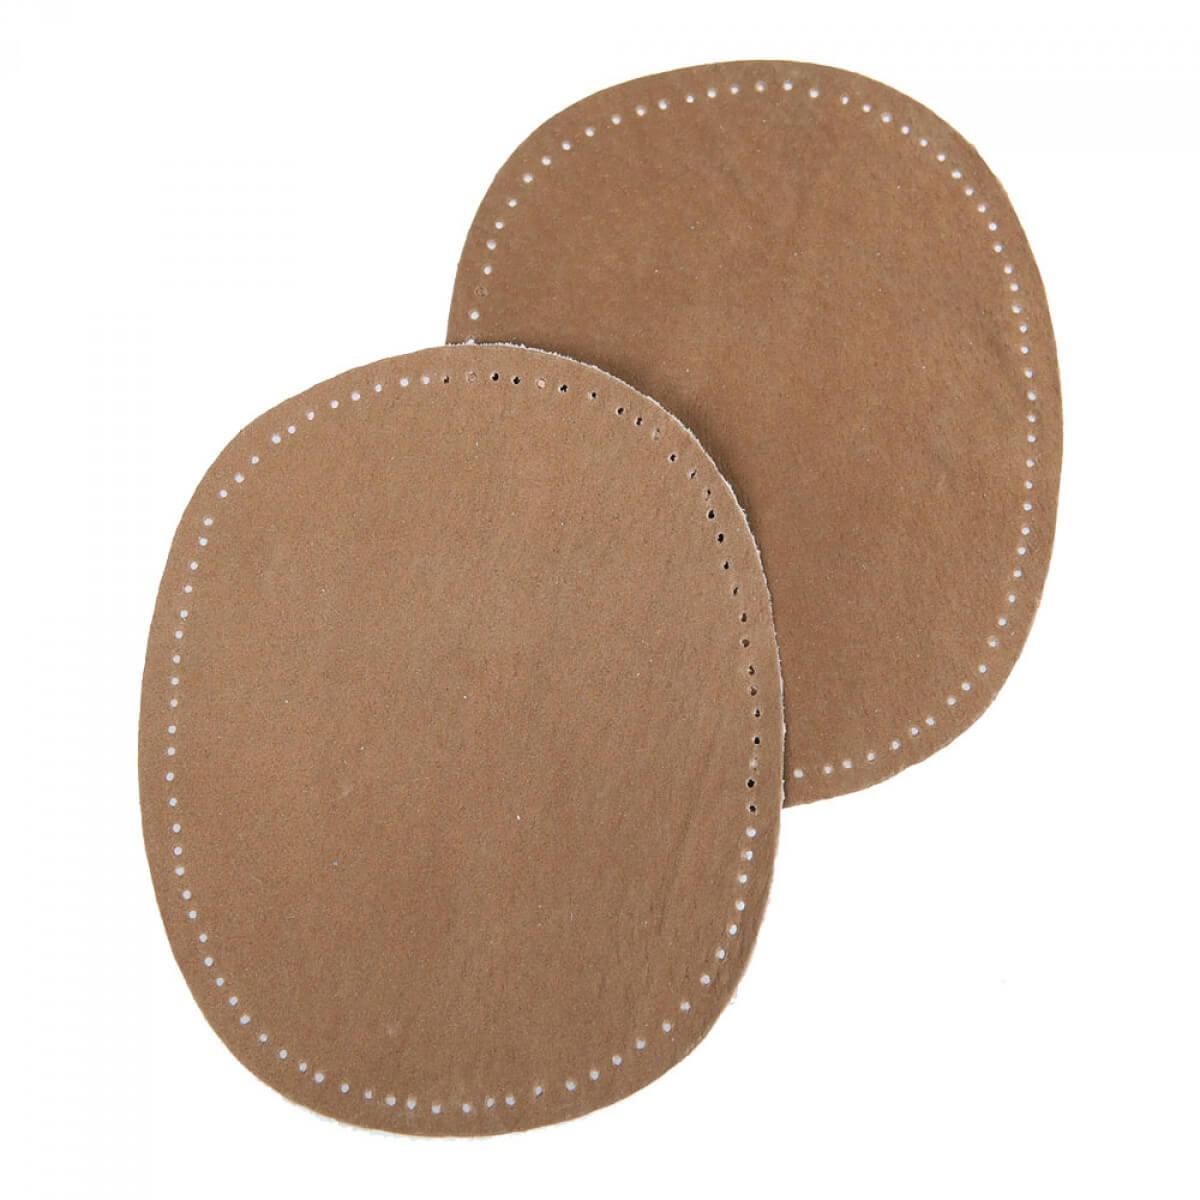 Renfort coudre marron en cuir v ritable pour coude et genoux - Coudre le cuir ...